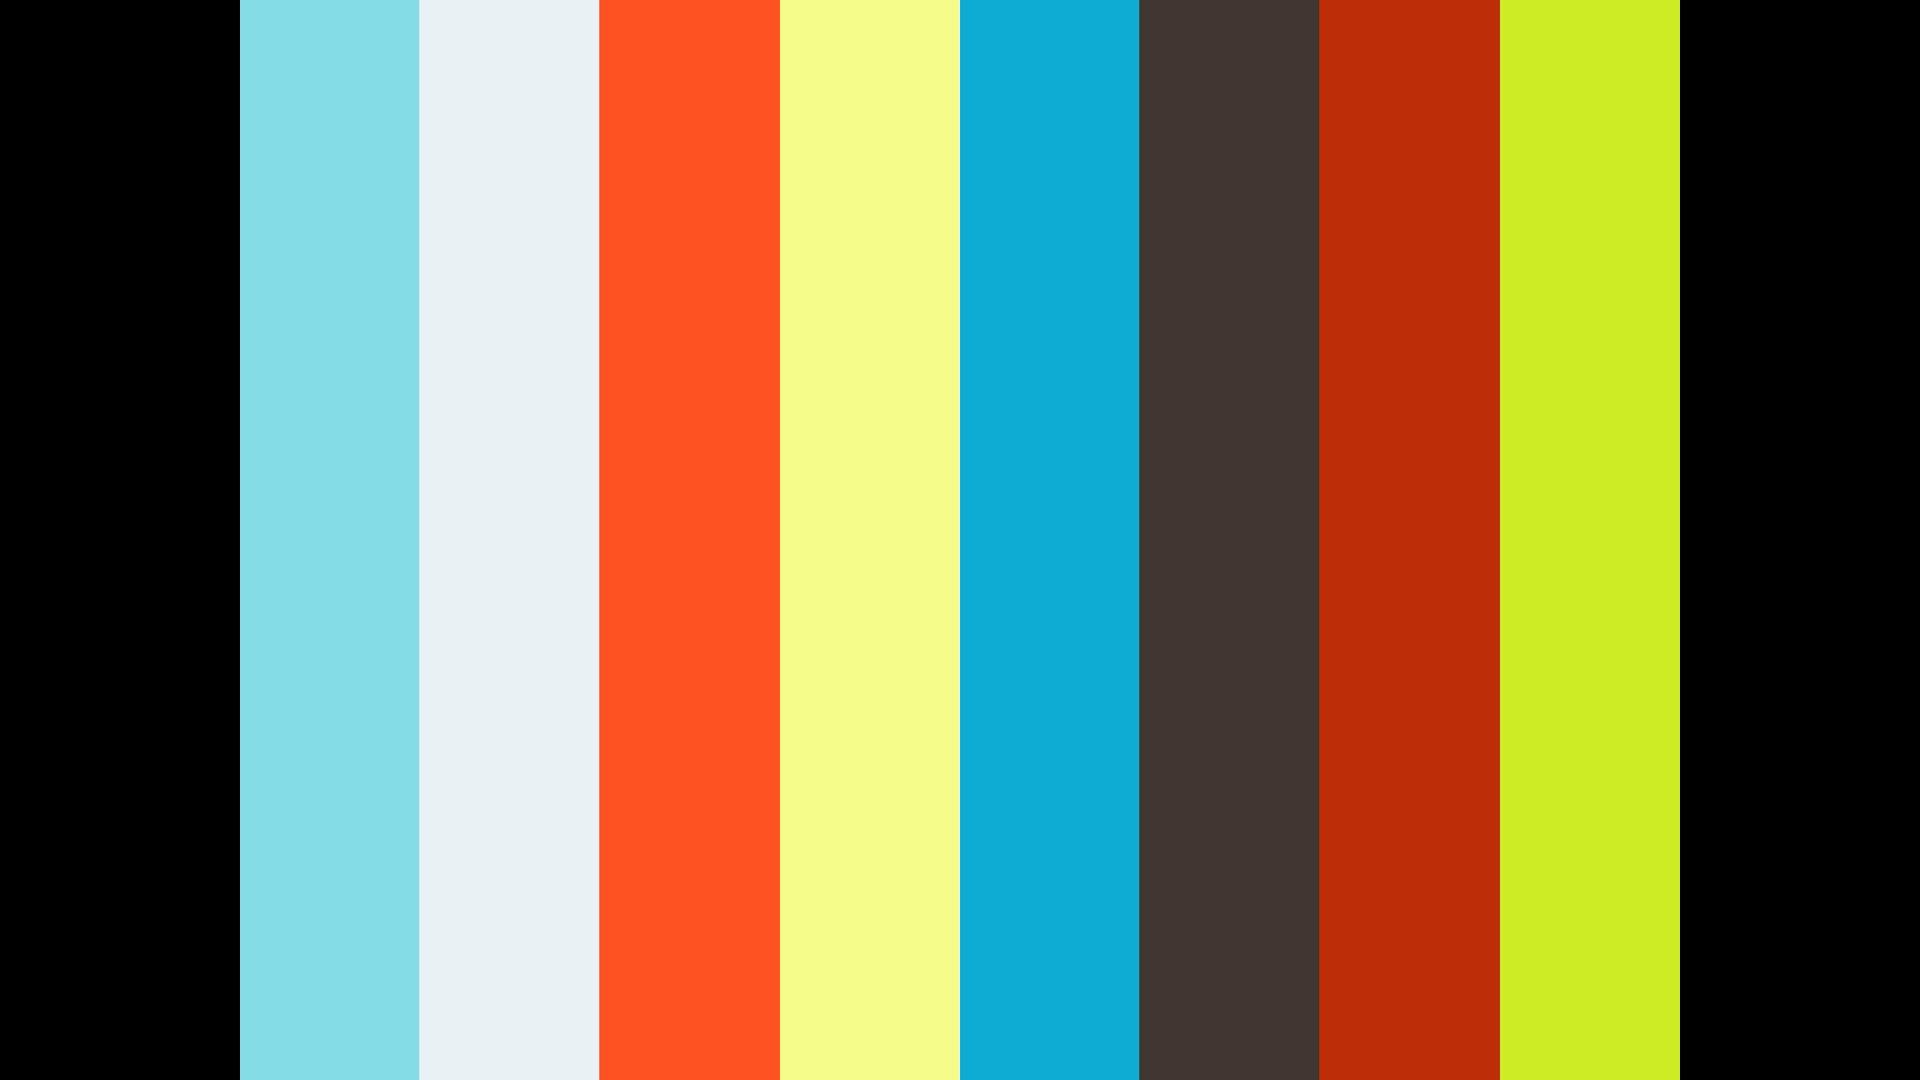 Styling - Alexis Facca - VTM (Vlaamse Televisie Maatschappij)